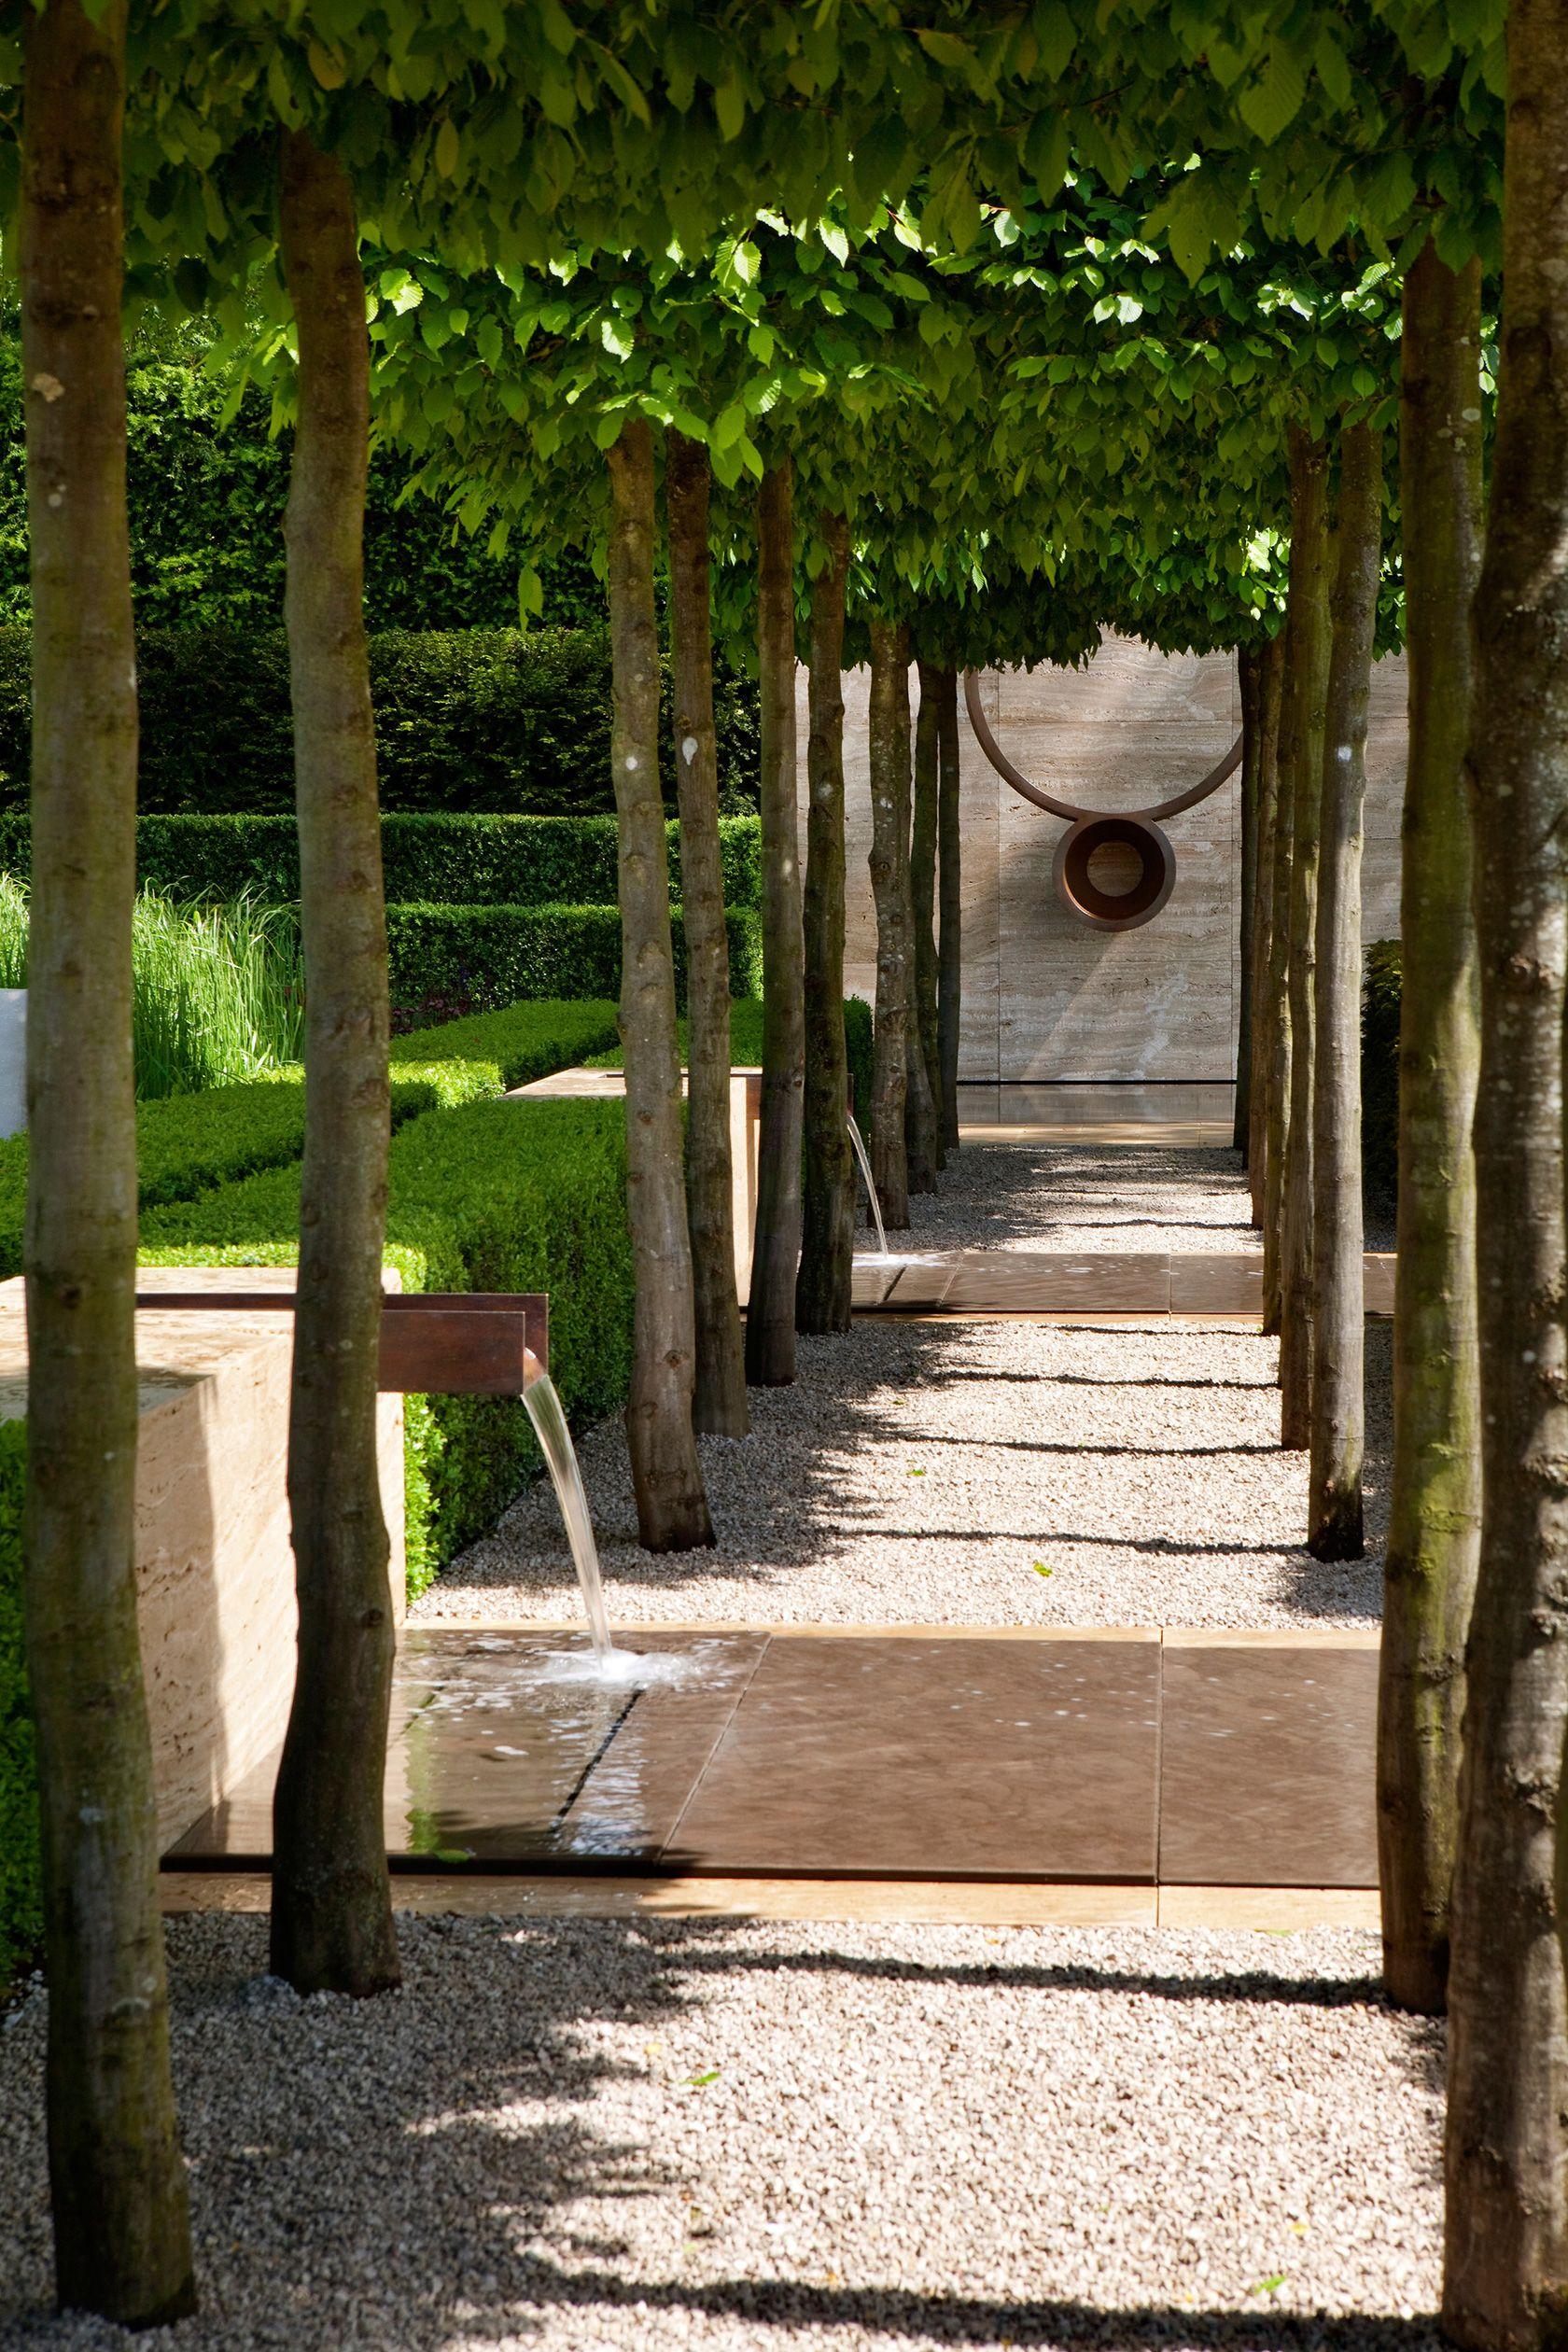 Traumhaus Garten Ideen Chelsea Hecken Lauben Frisch Landschaftsgestaltung Mit Landschaftsbau